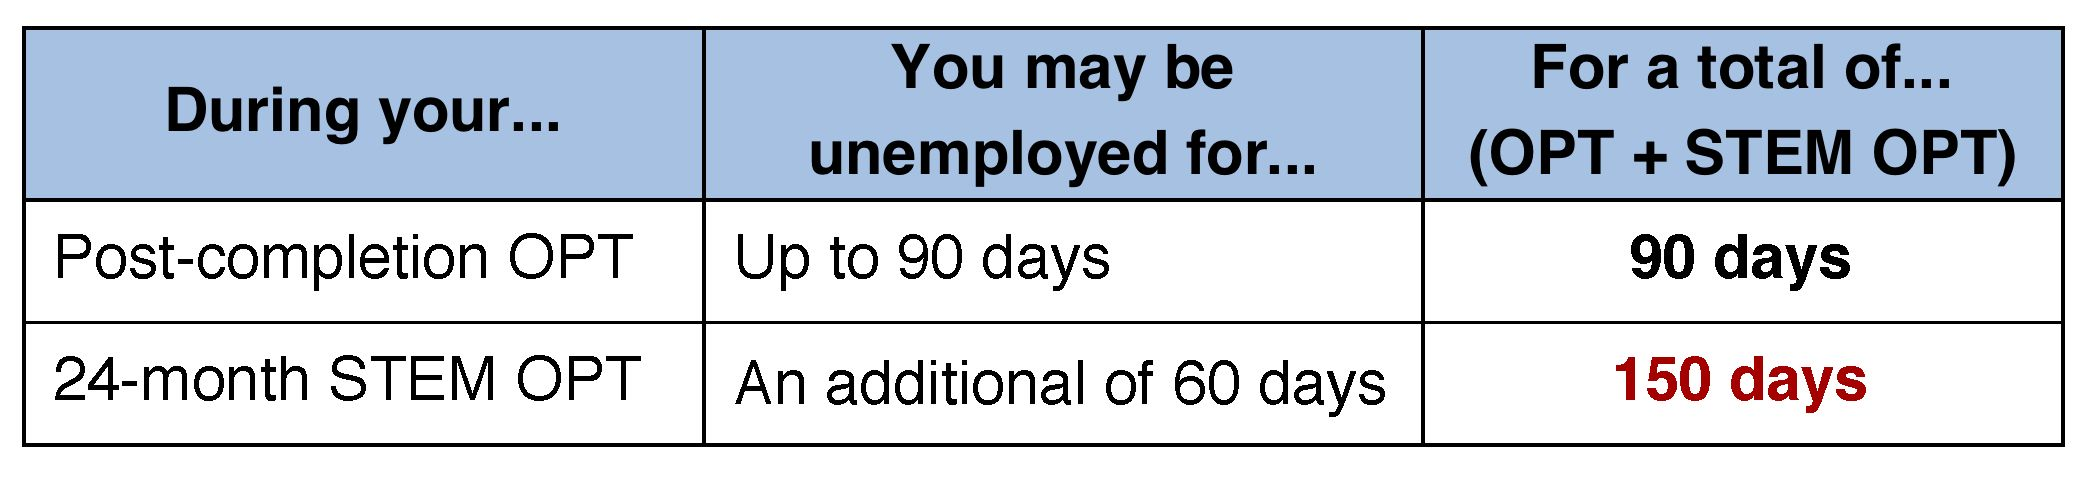 STEM OPT unemployment days